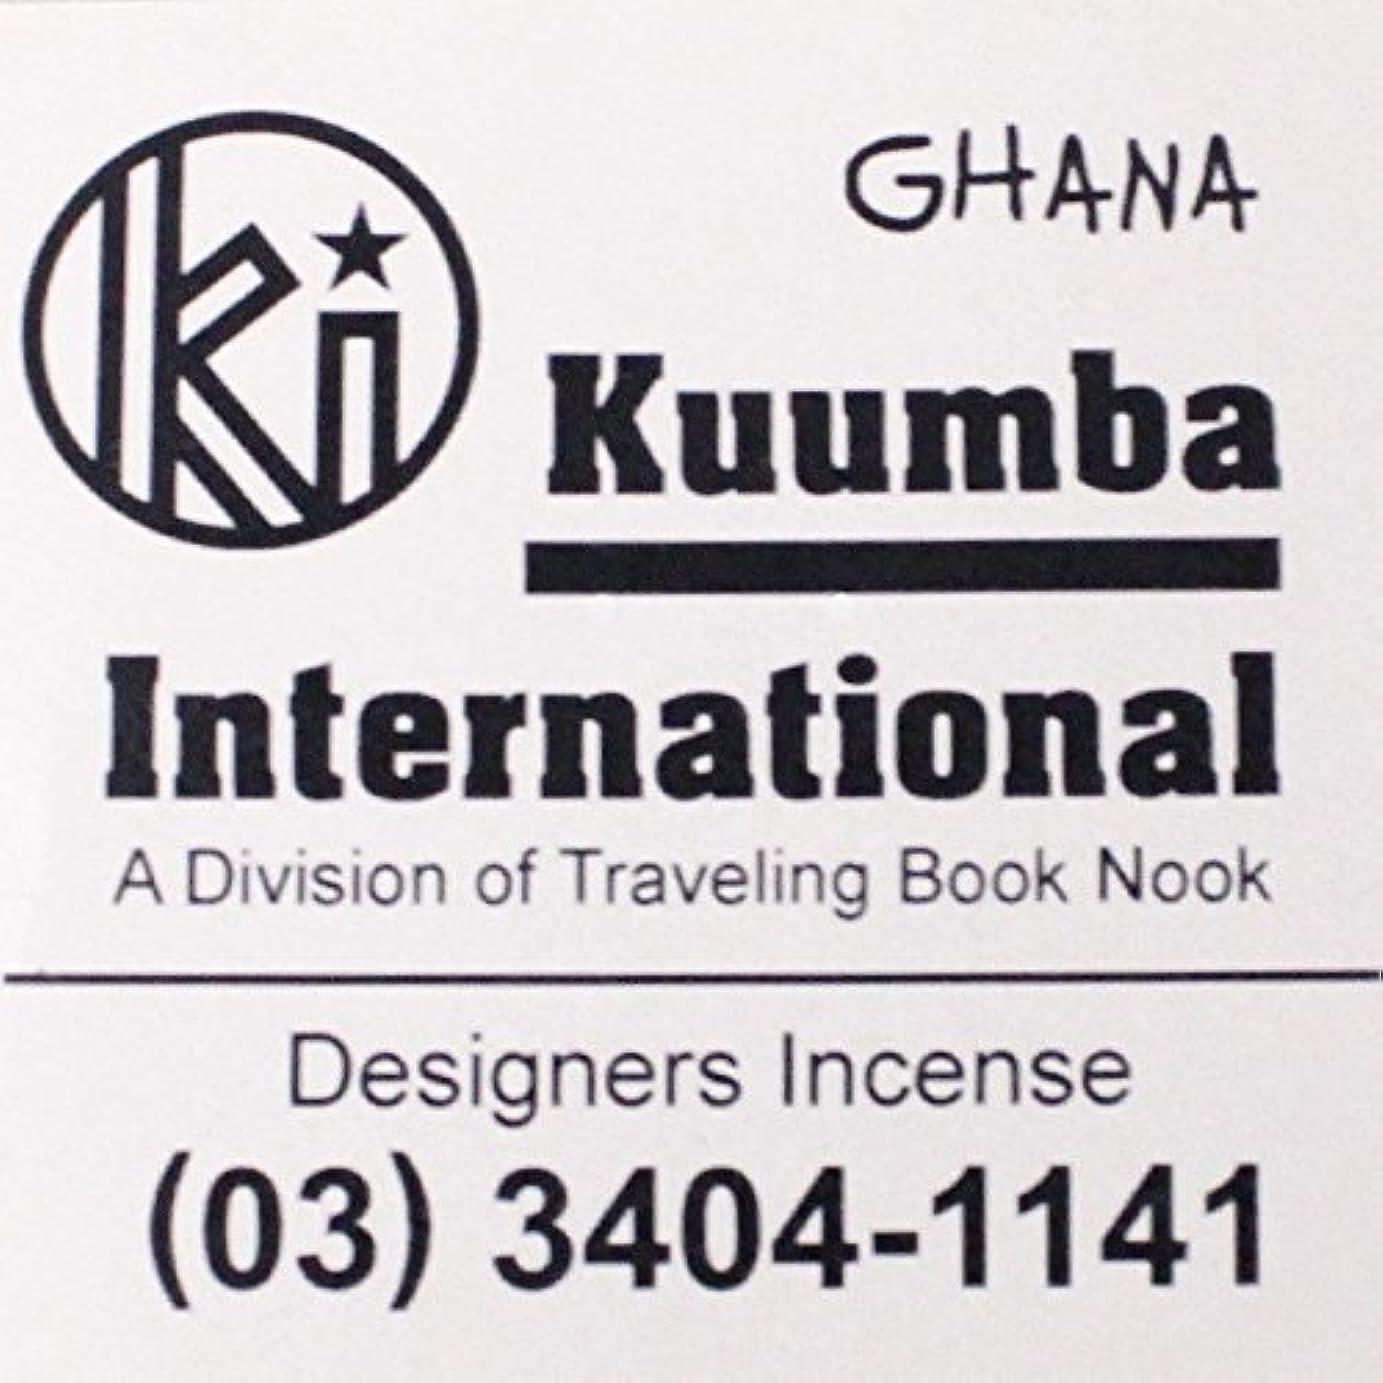 アセンブリ離す大胆な(クンバ) KUUMBA『incense』(GHANA) (Regular size)